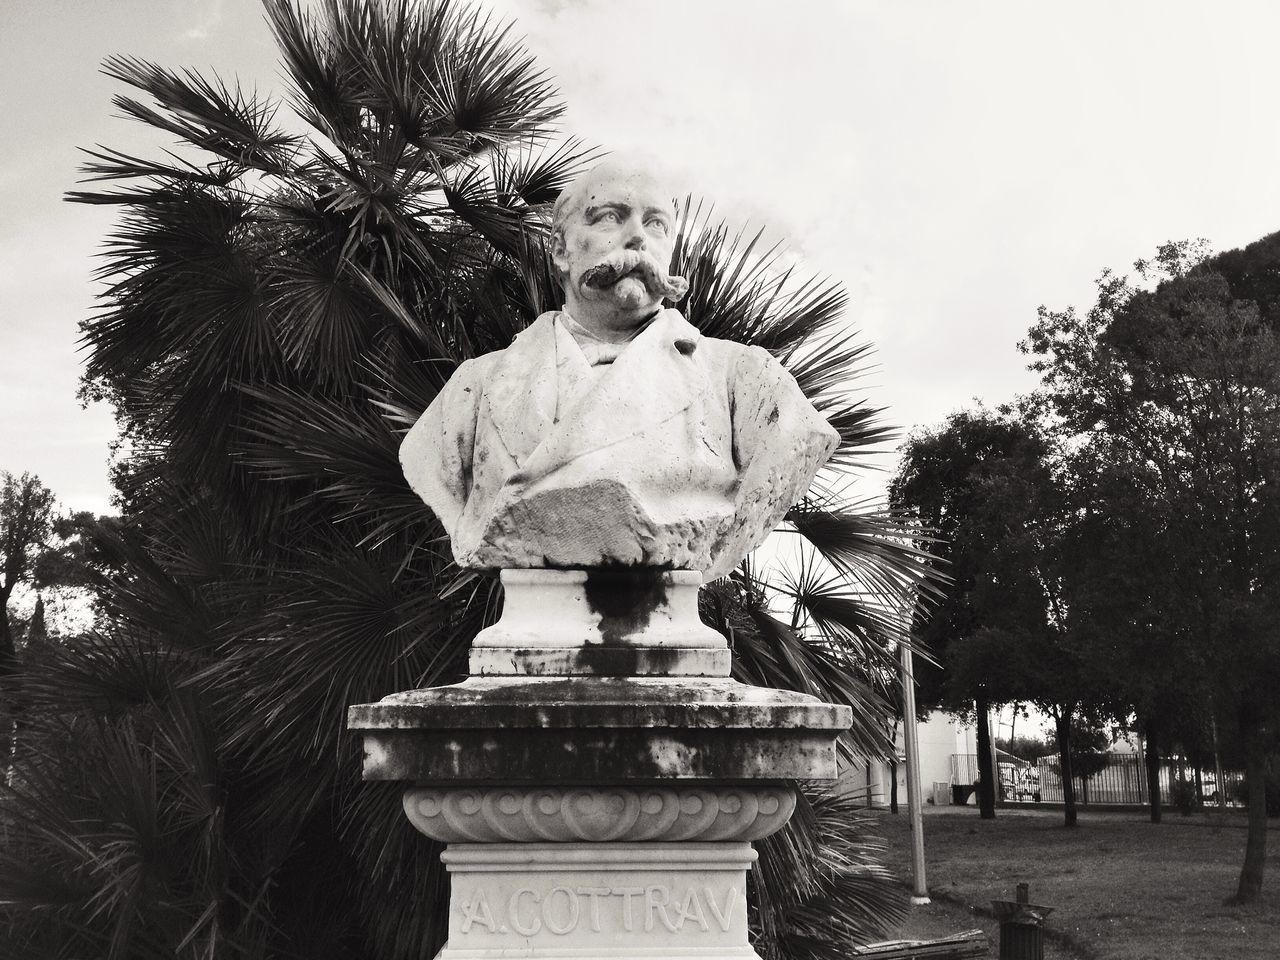 Alfredo Cottrau David De La Cruz Black & White Photography Black And White Italia